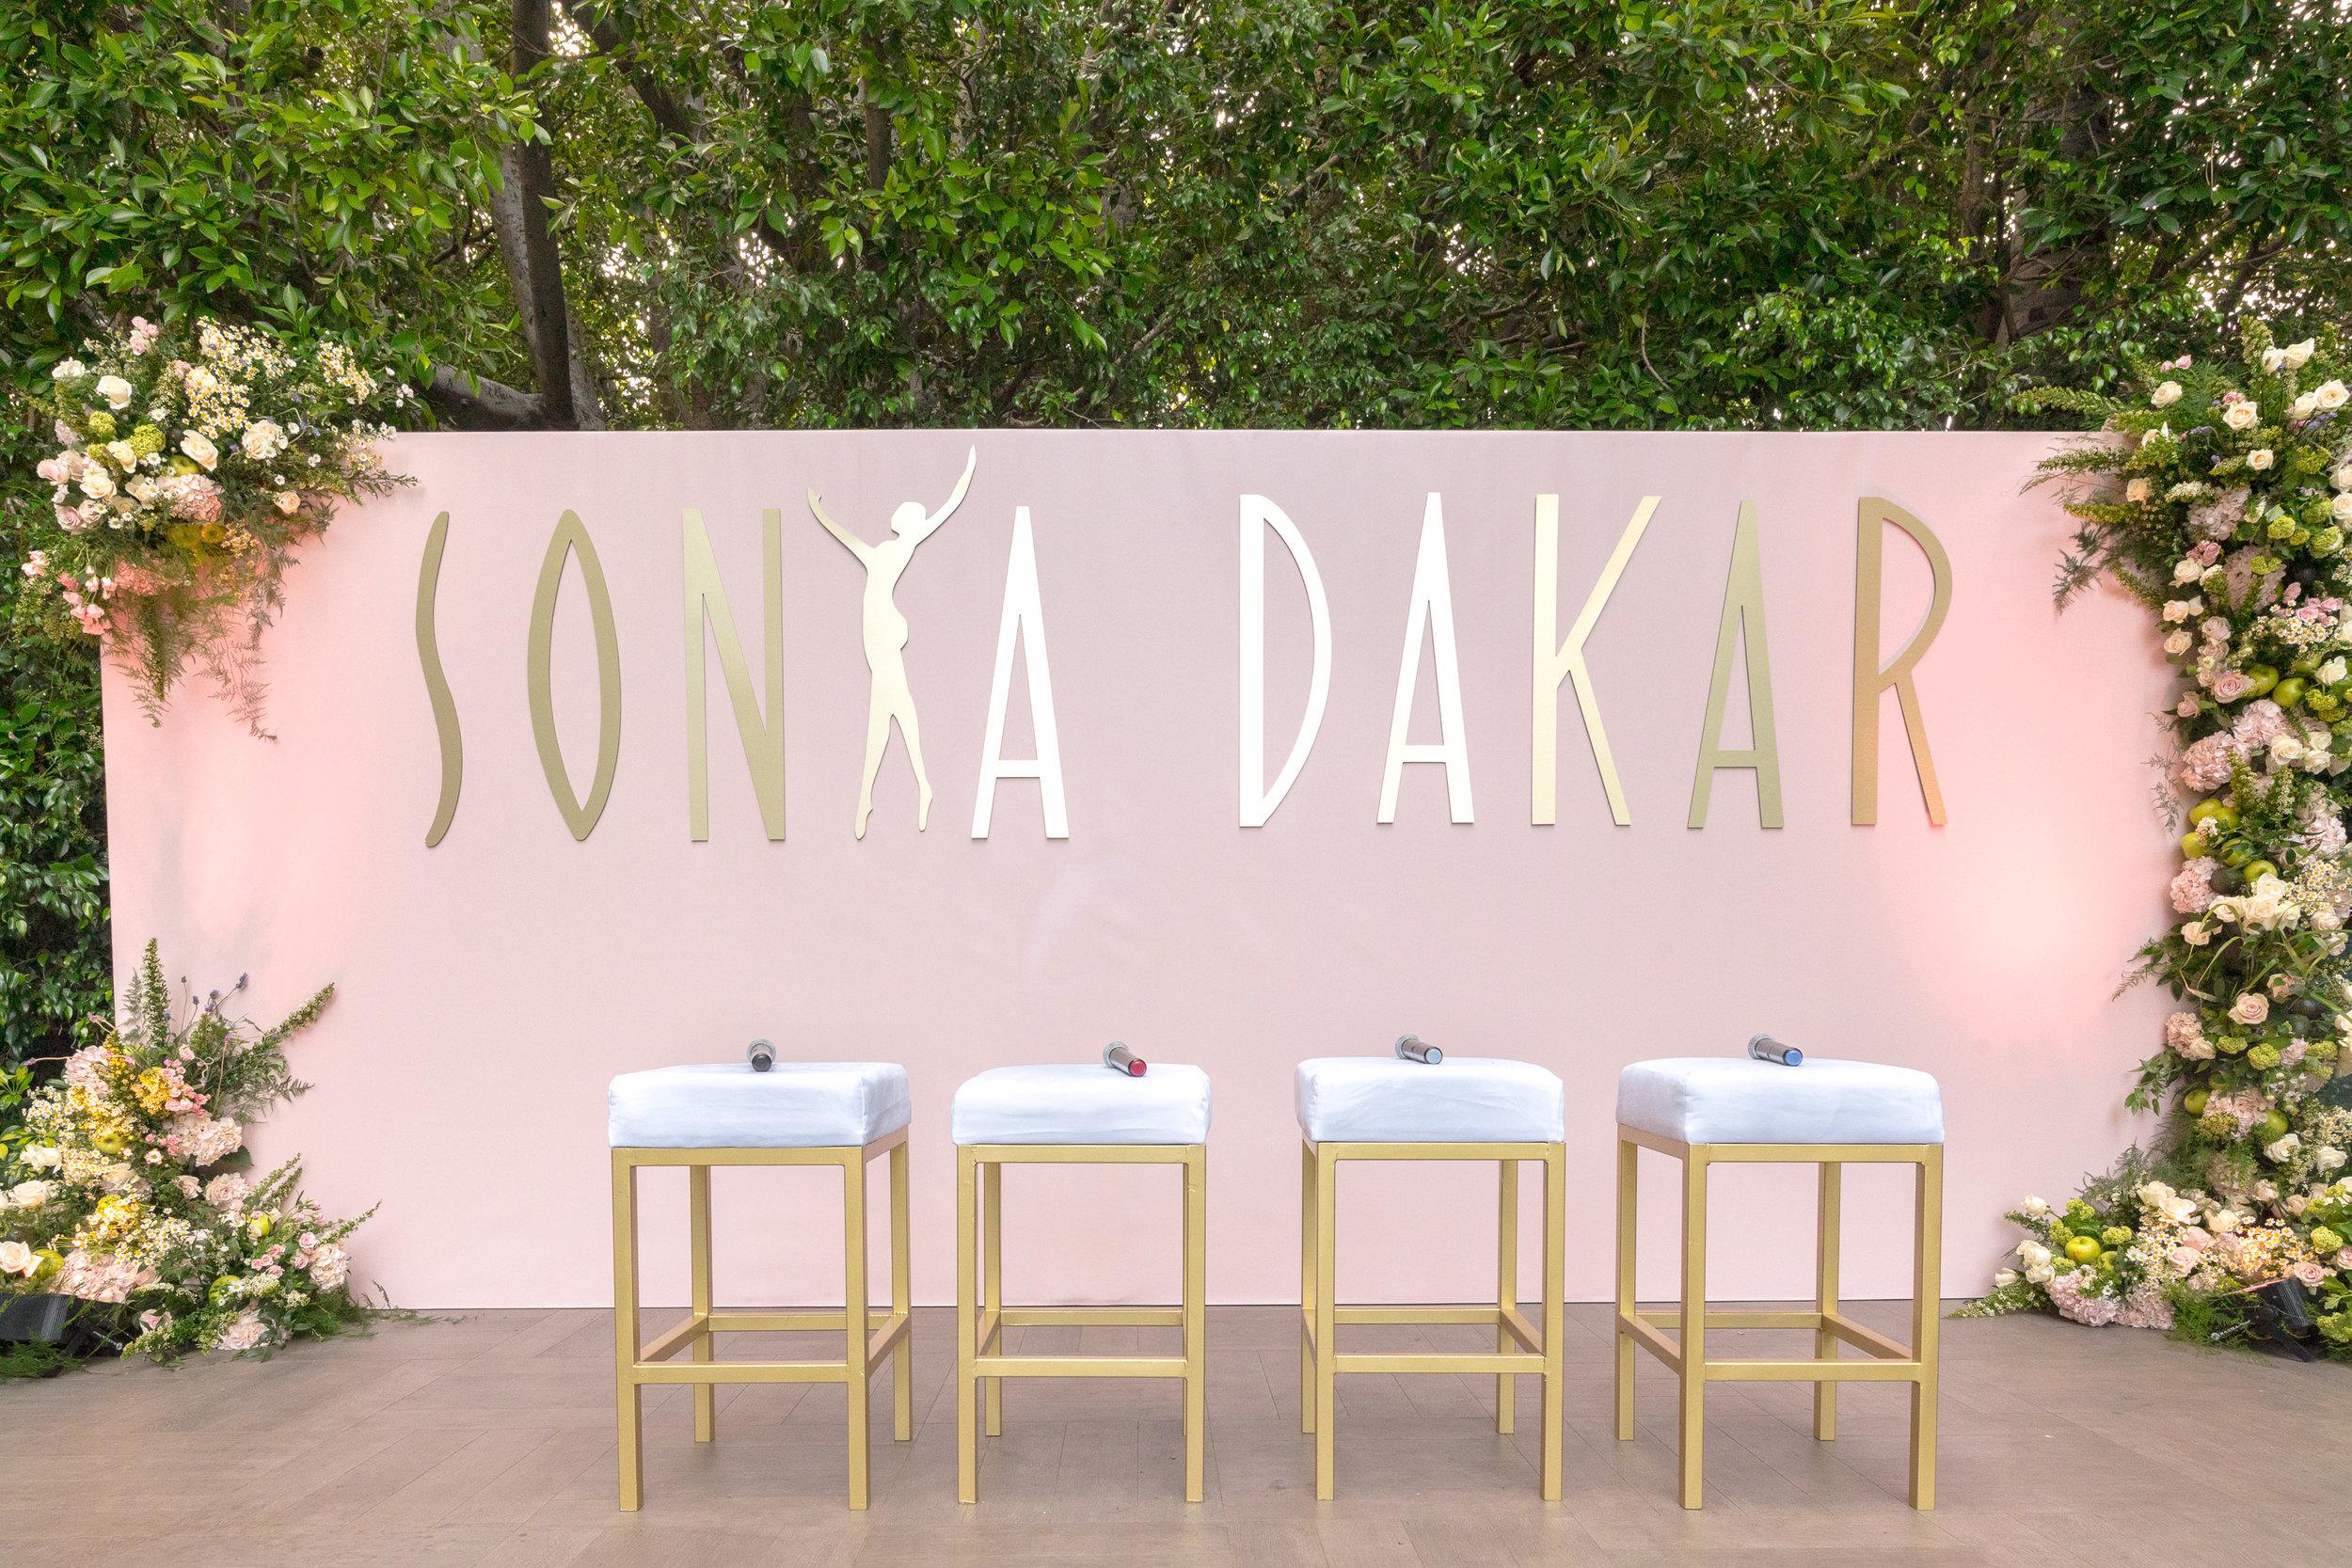 Sonya Dakar @davidjonphotography-5200.jpg